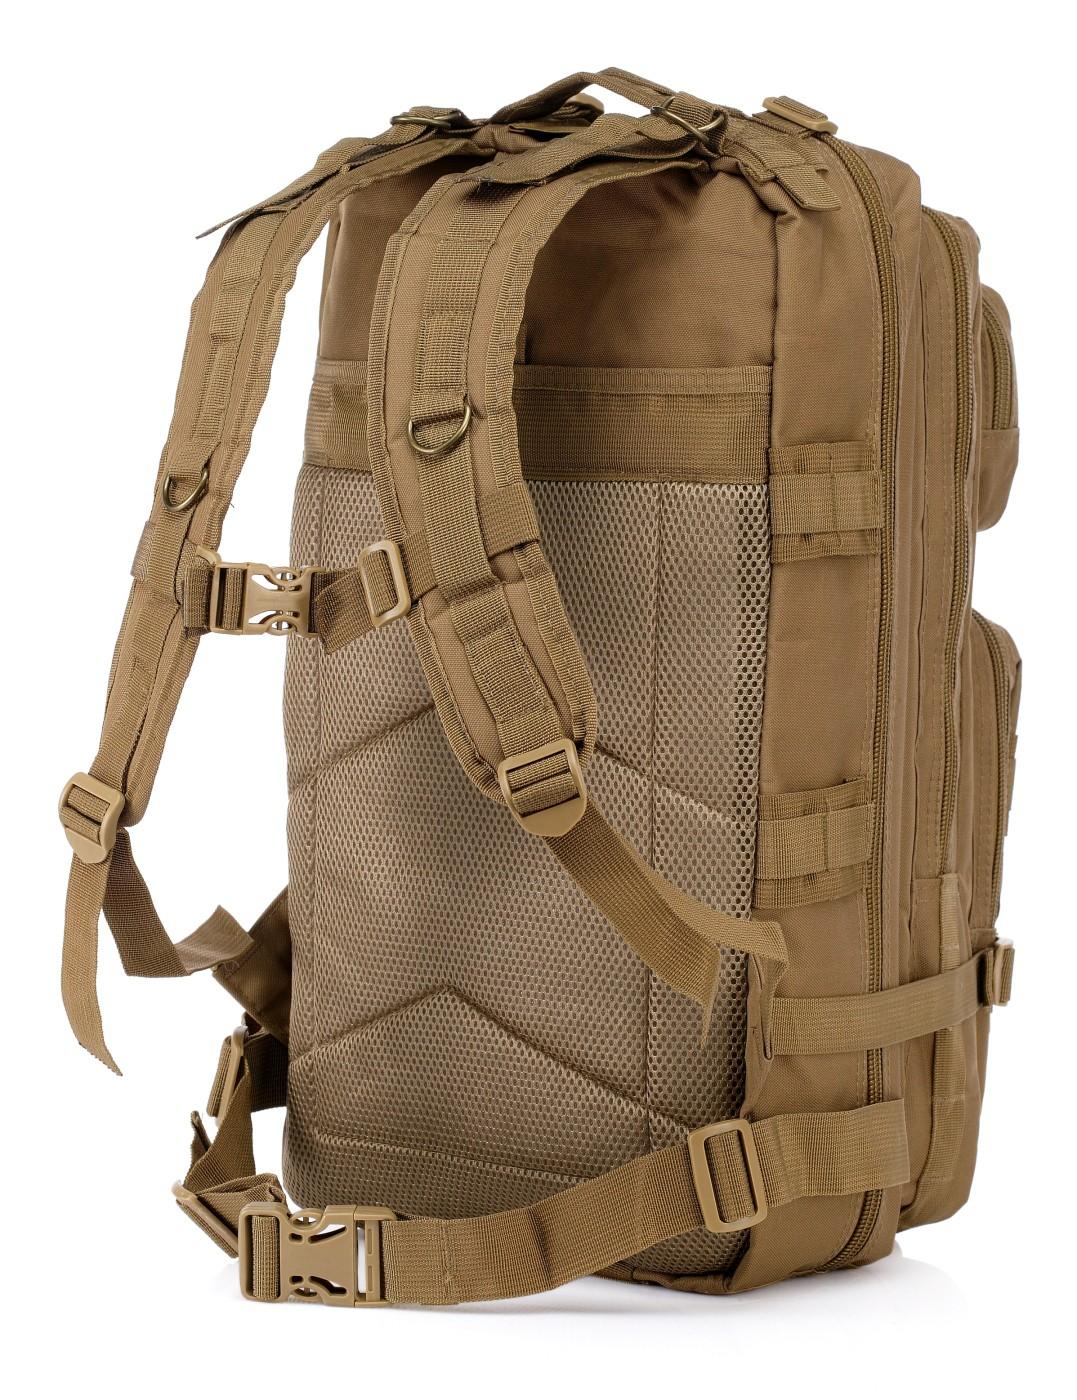 Классный рюкзак для пешего похода спешите сделать заказ